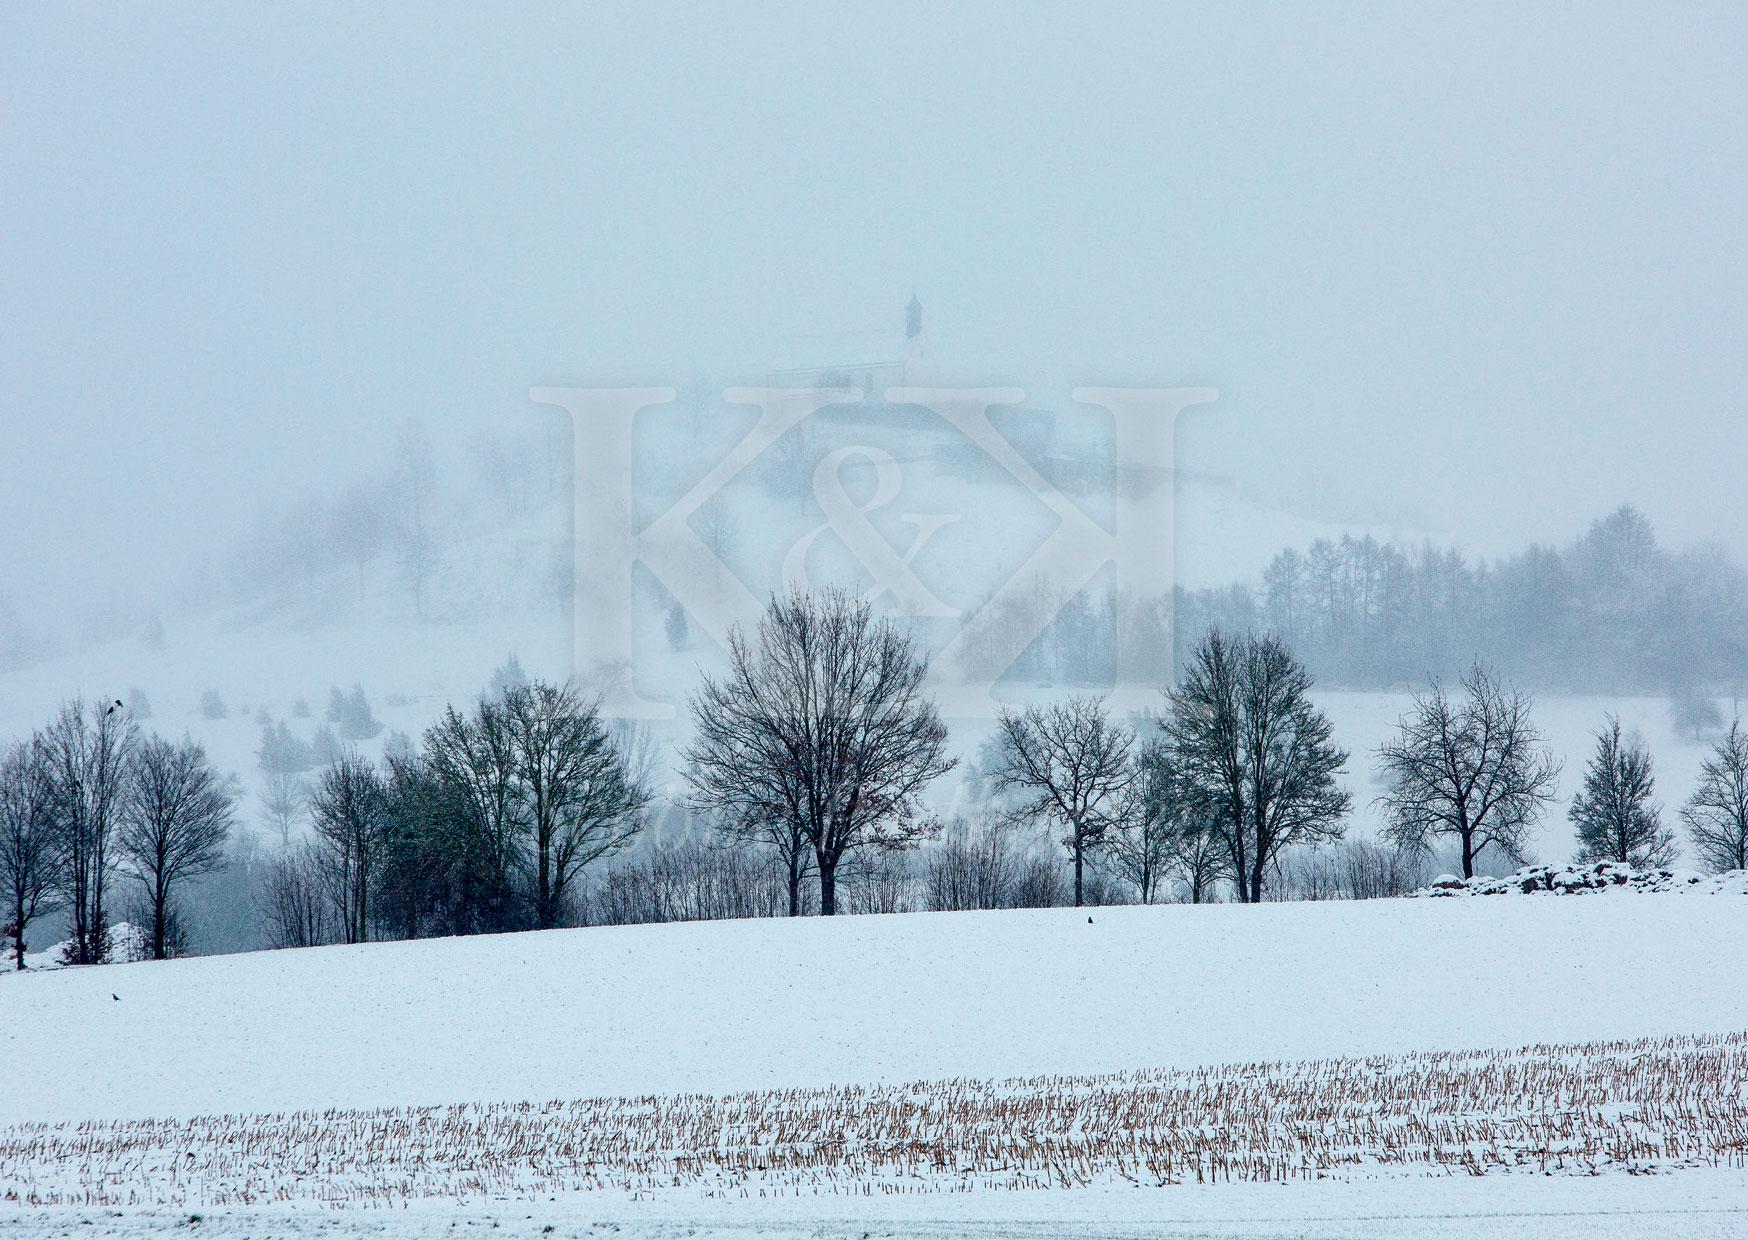 Schöne Postkarte Nr. 23 · Im Winternebel nur noch zu erahnen: die Wurmlinger Kapelle bei Tübingen · © www.schoenepostkarten.de